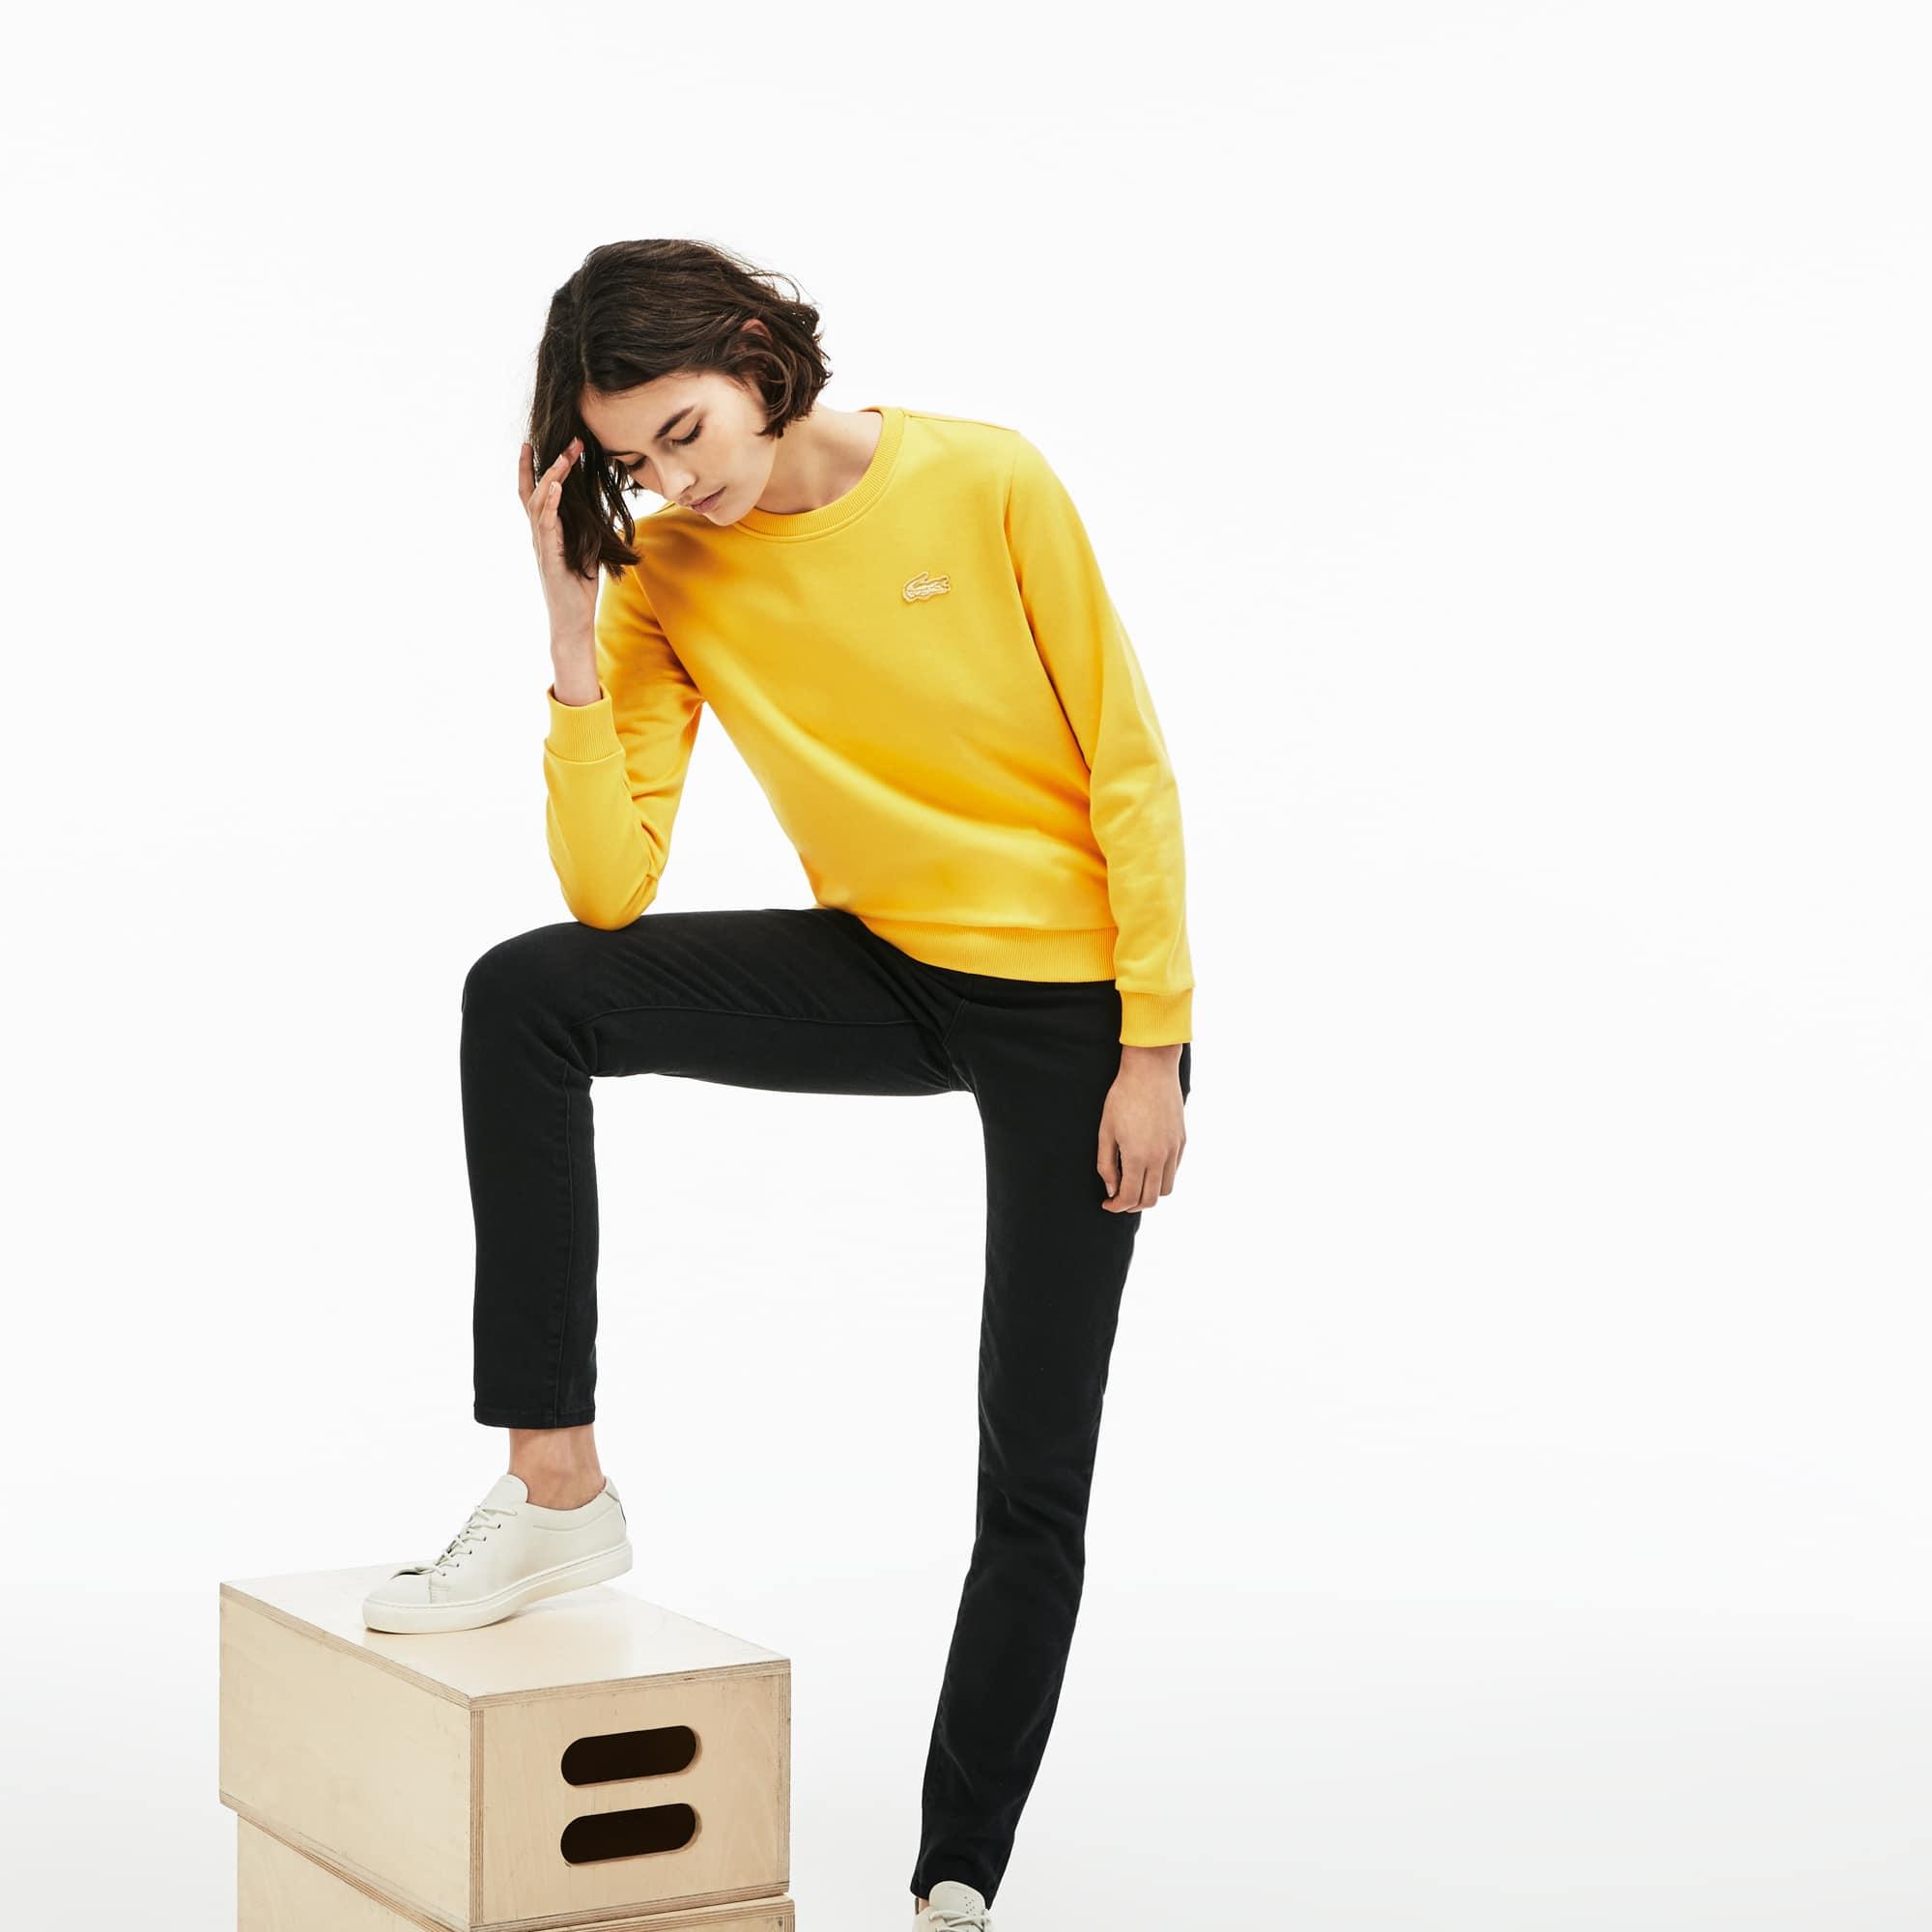 Lacoste - Damen-Sweatshirt mit Schlüssellochausschnitt LACOSTE L!VE - 6